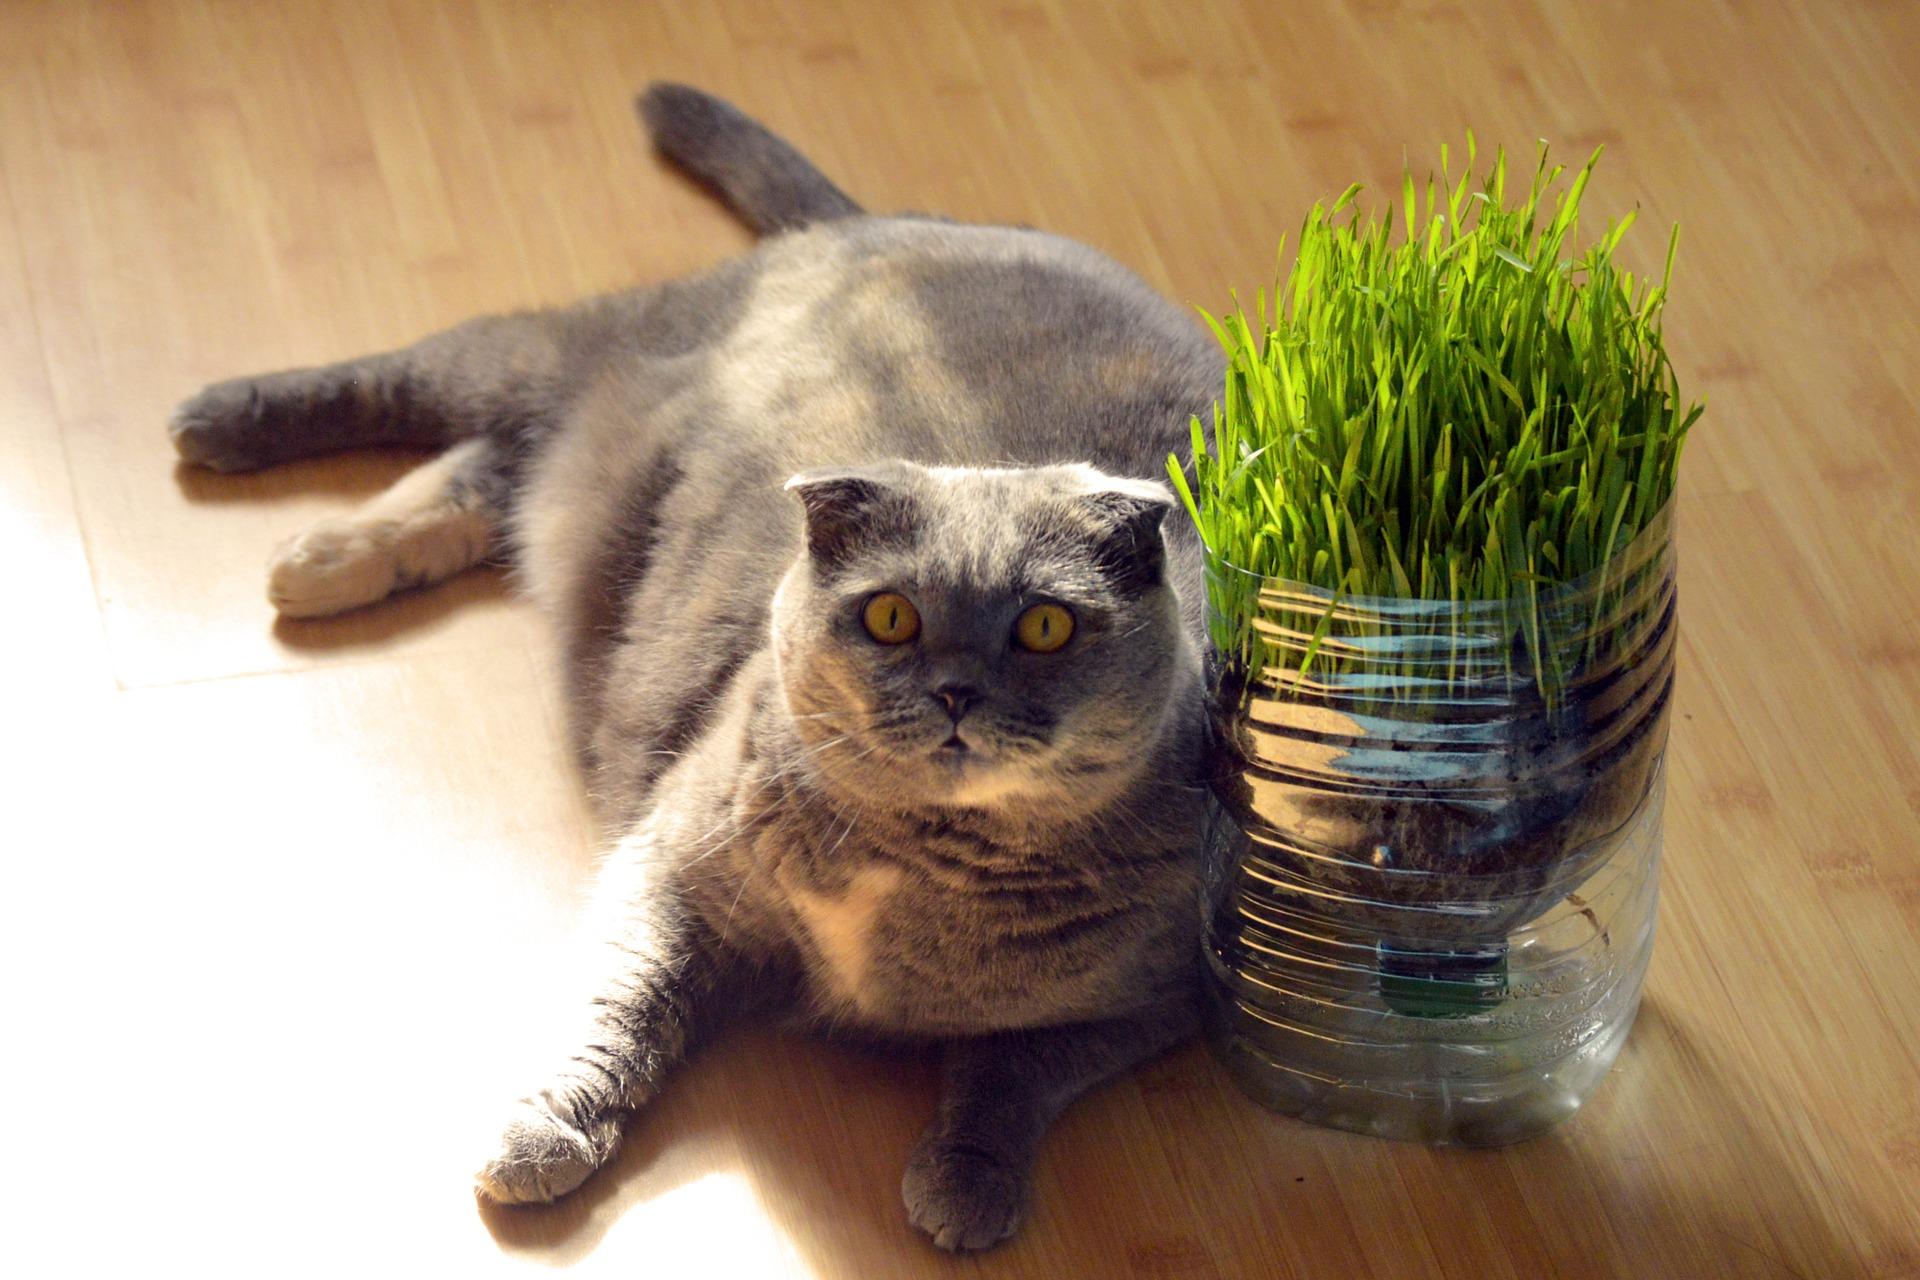 Zaopatrując się w trawę dla kota, należy kierować się przede wszystkim zdrowiem i bezpieczeństwem zwierzęcia. Pod tym względem optymalnym wyborem jest np. owies.